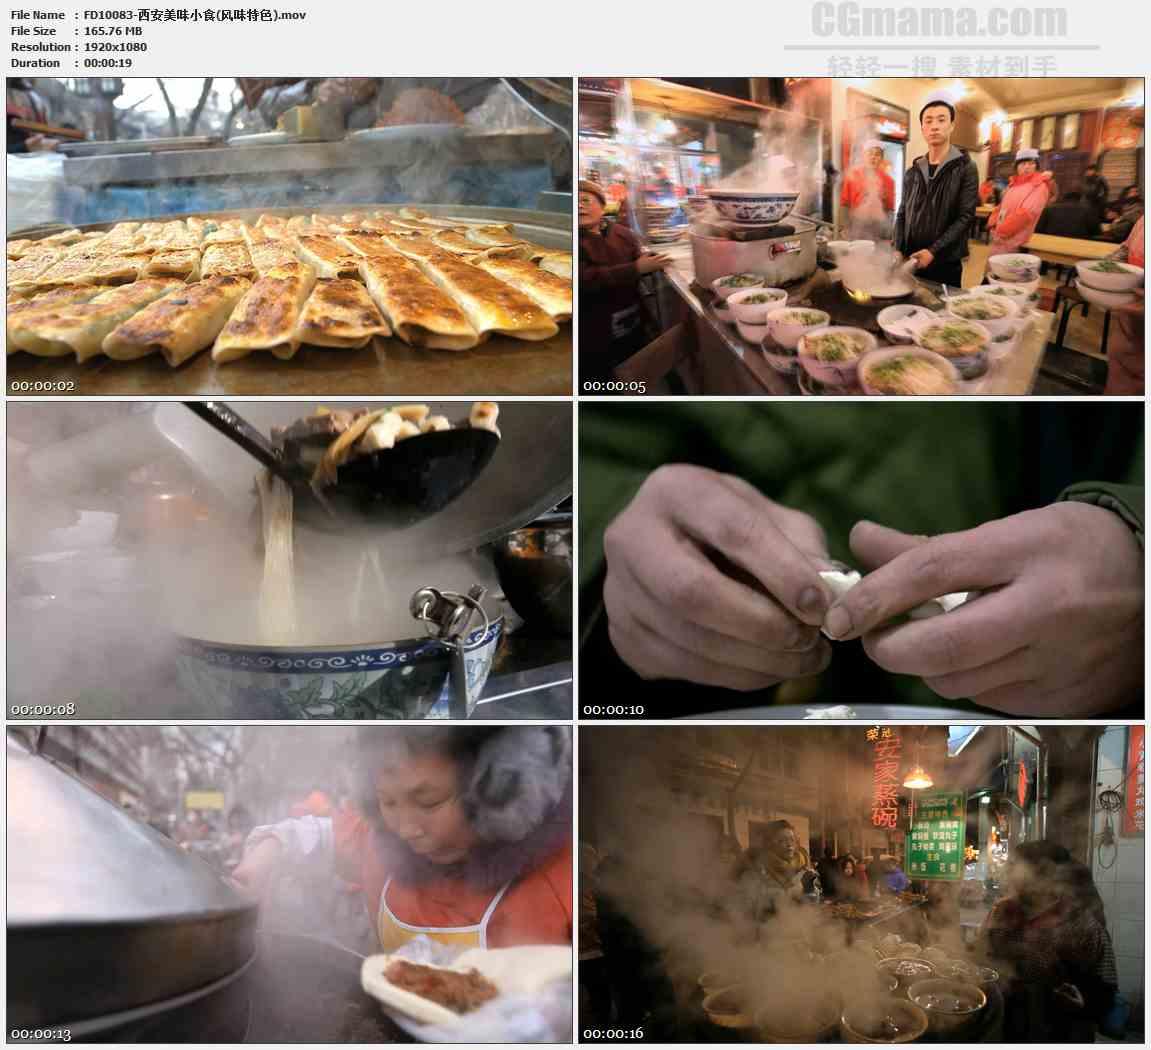 FD10083-锅贴岐山臊子面肉夹馍羊肉泡馍特色美食高清实拍视频素材